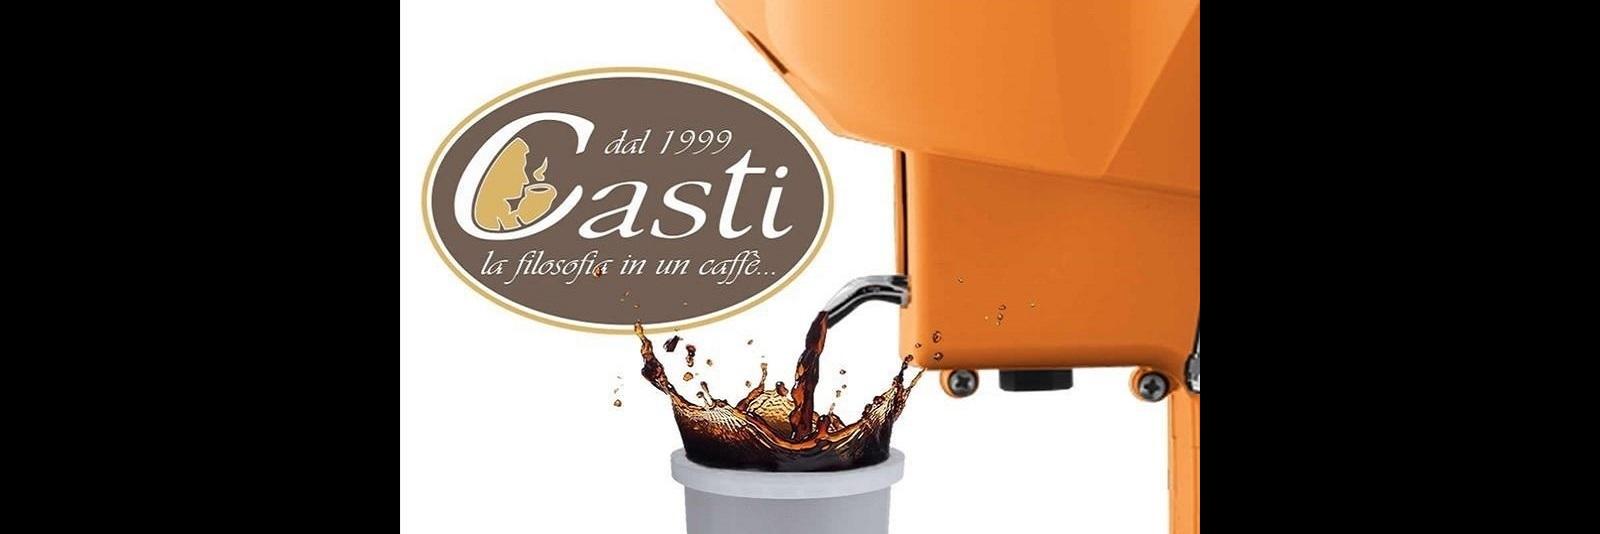 CASTI CAFFE VOLTRI